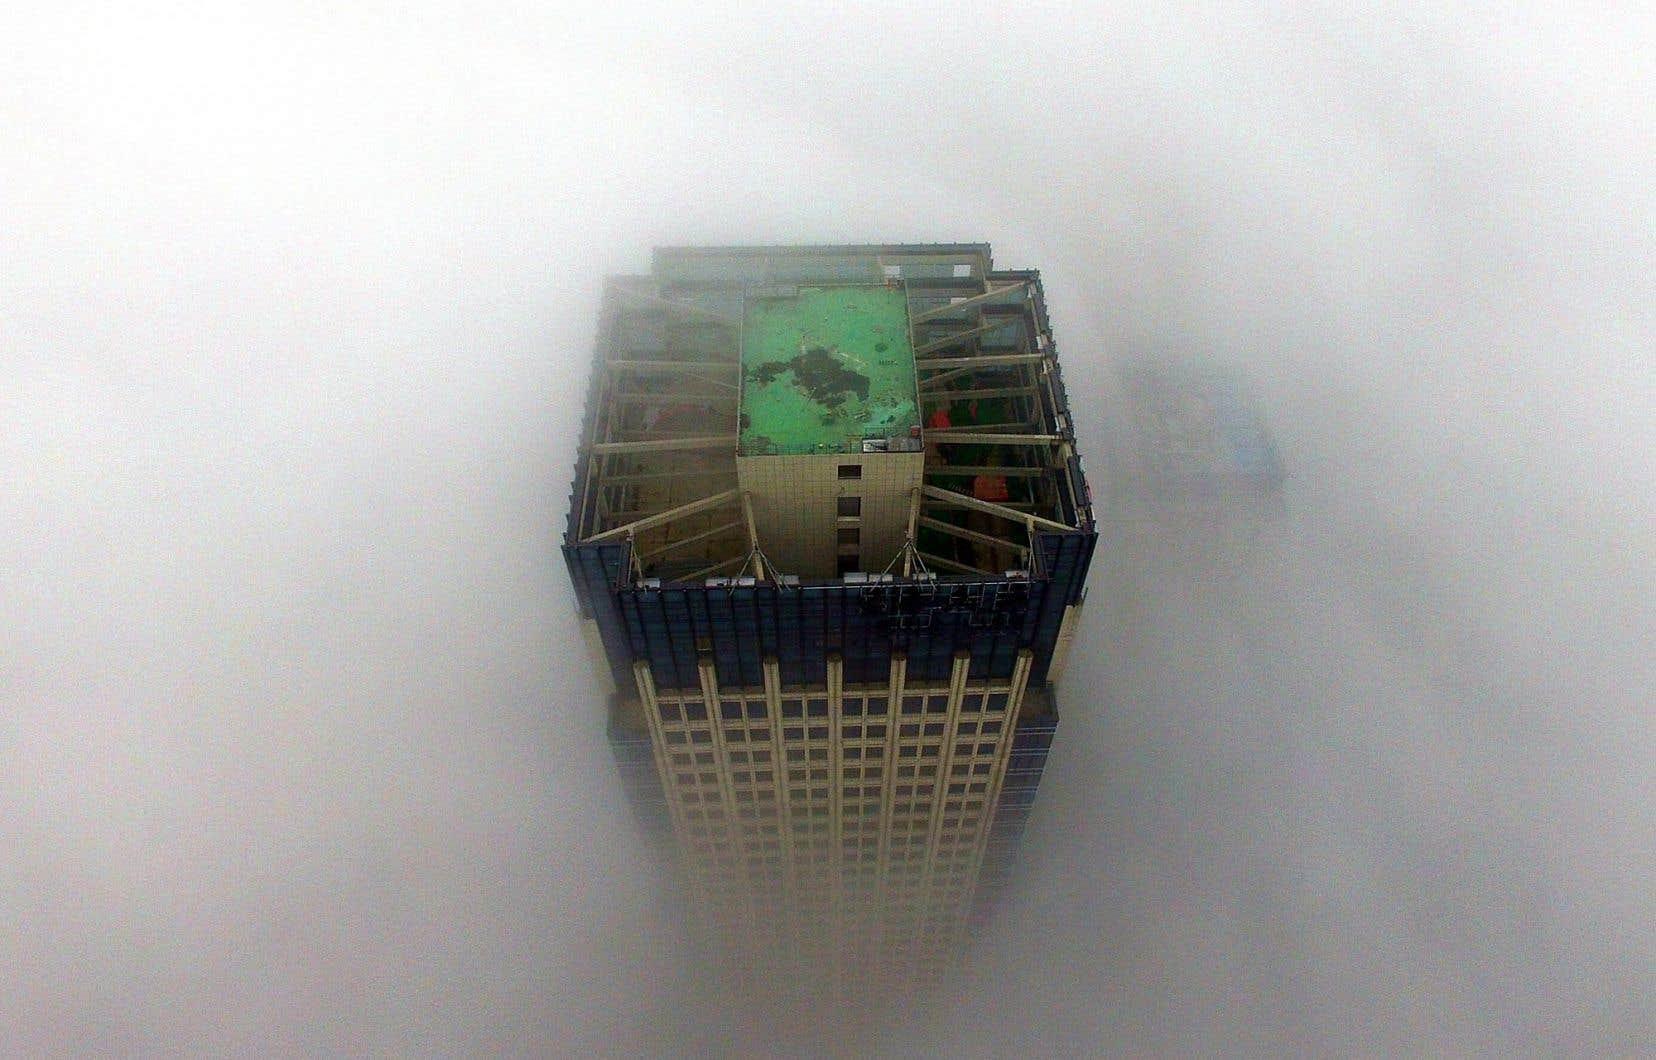 Un édifice de la ville de Yangzhou, en Chine, plongé dans un nuage de smog, exemple probant des risques environnementaux relevés par les experts